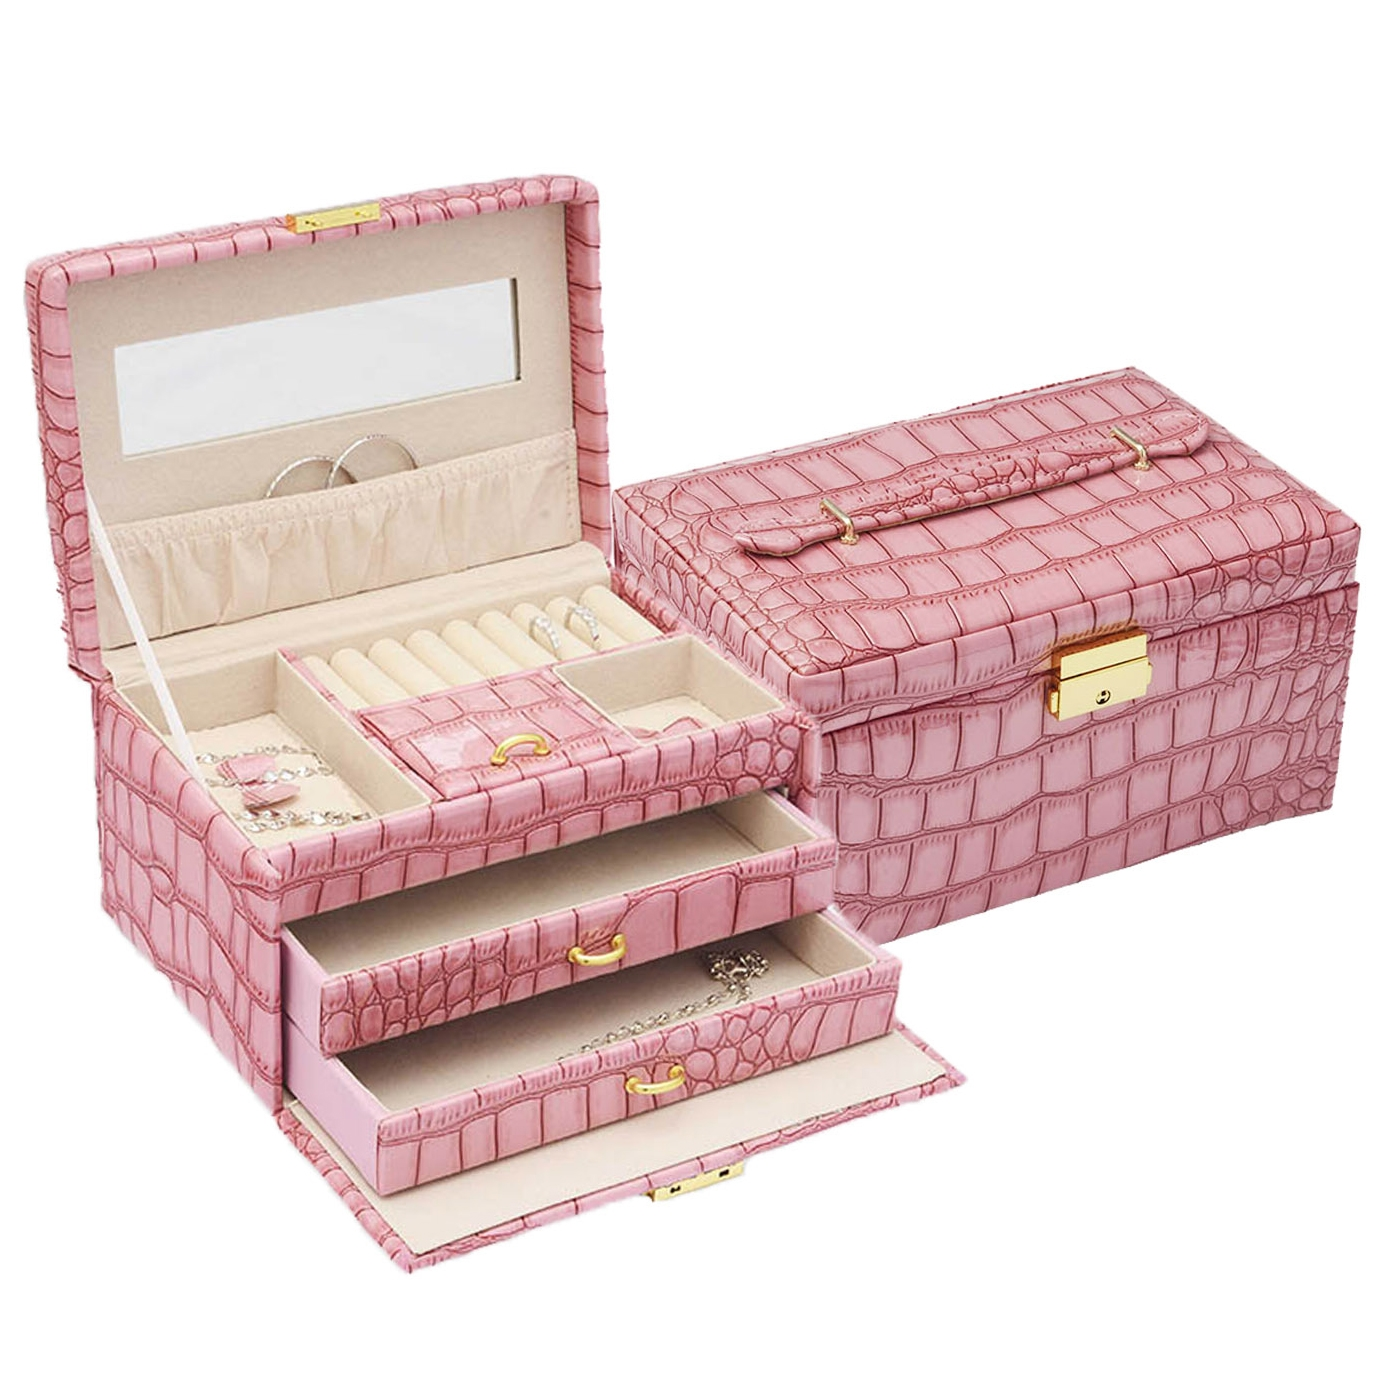 Šperkovnice - růžová koženka SVK1024